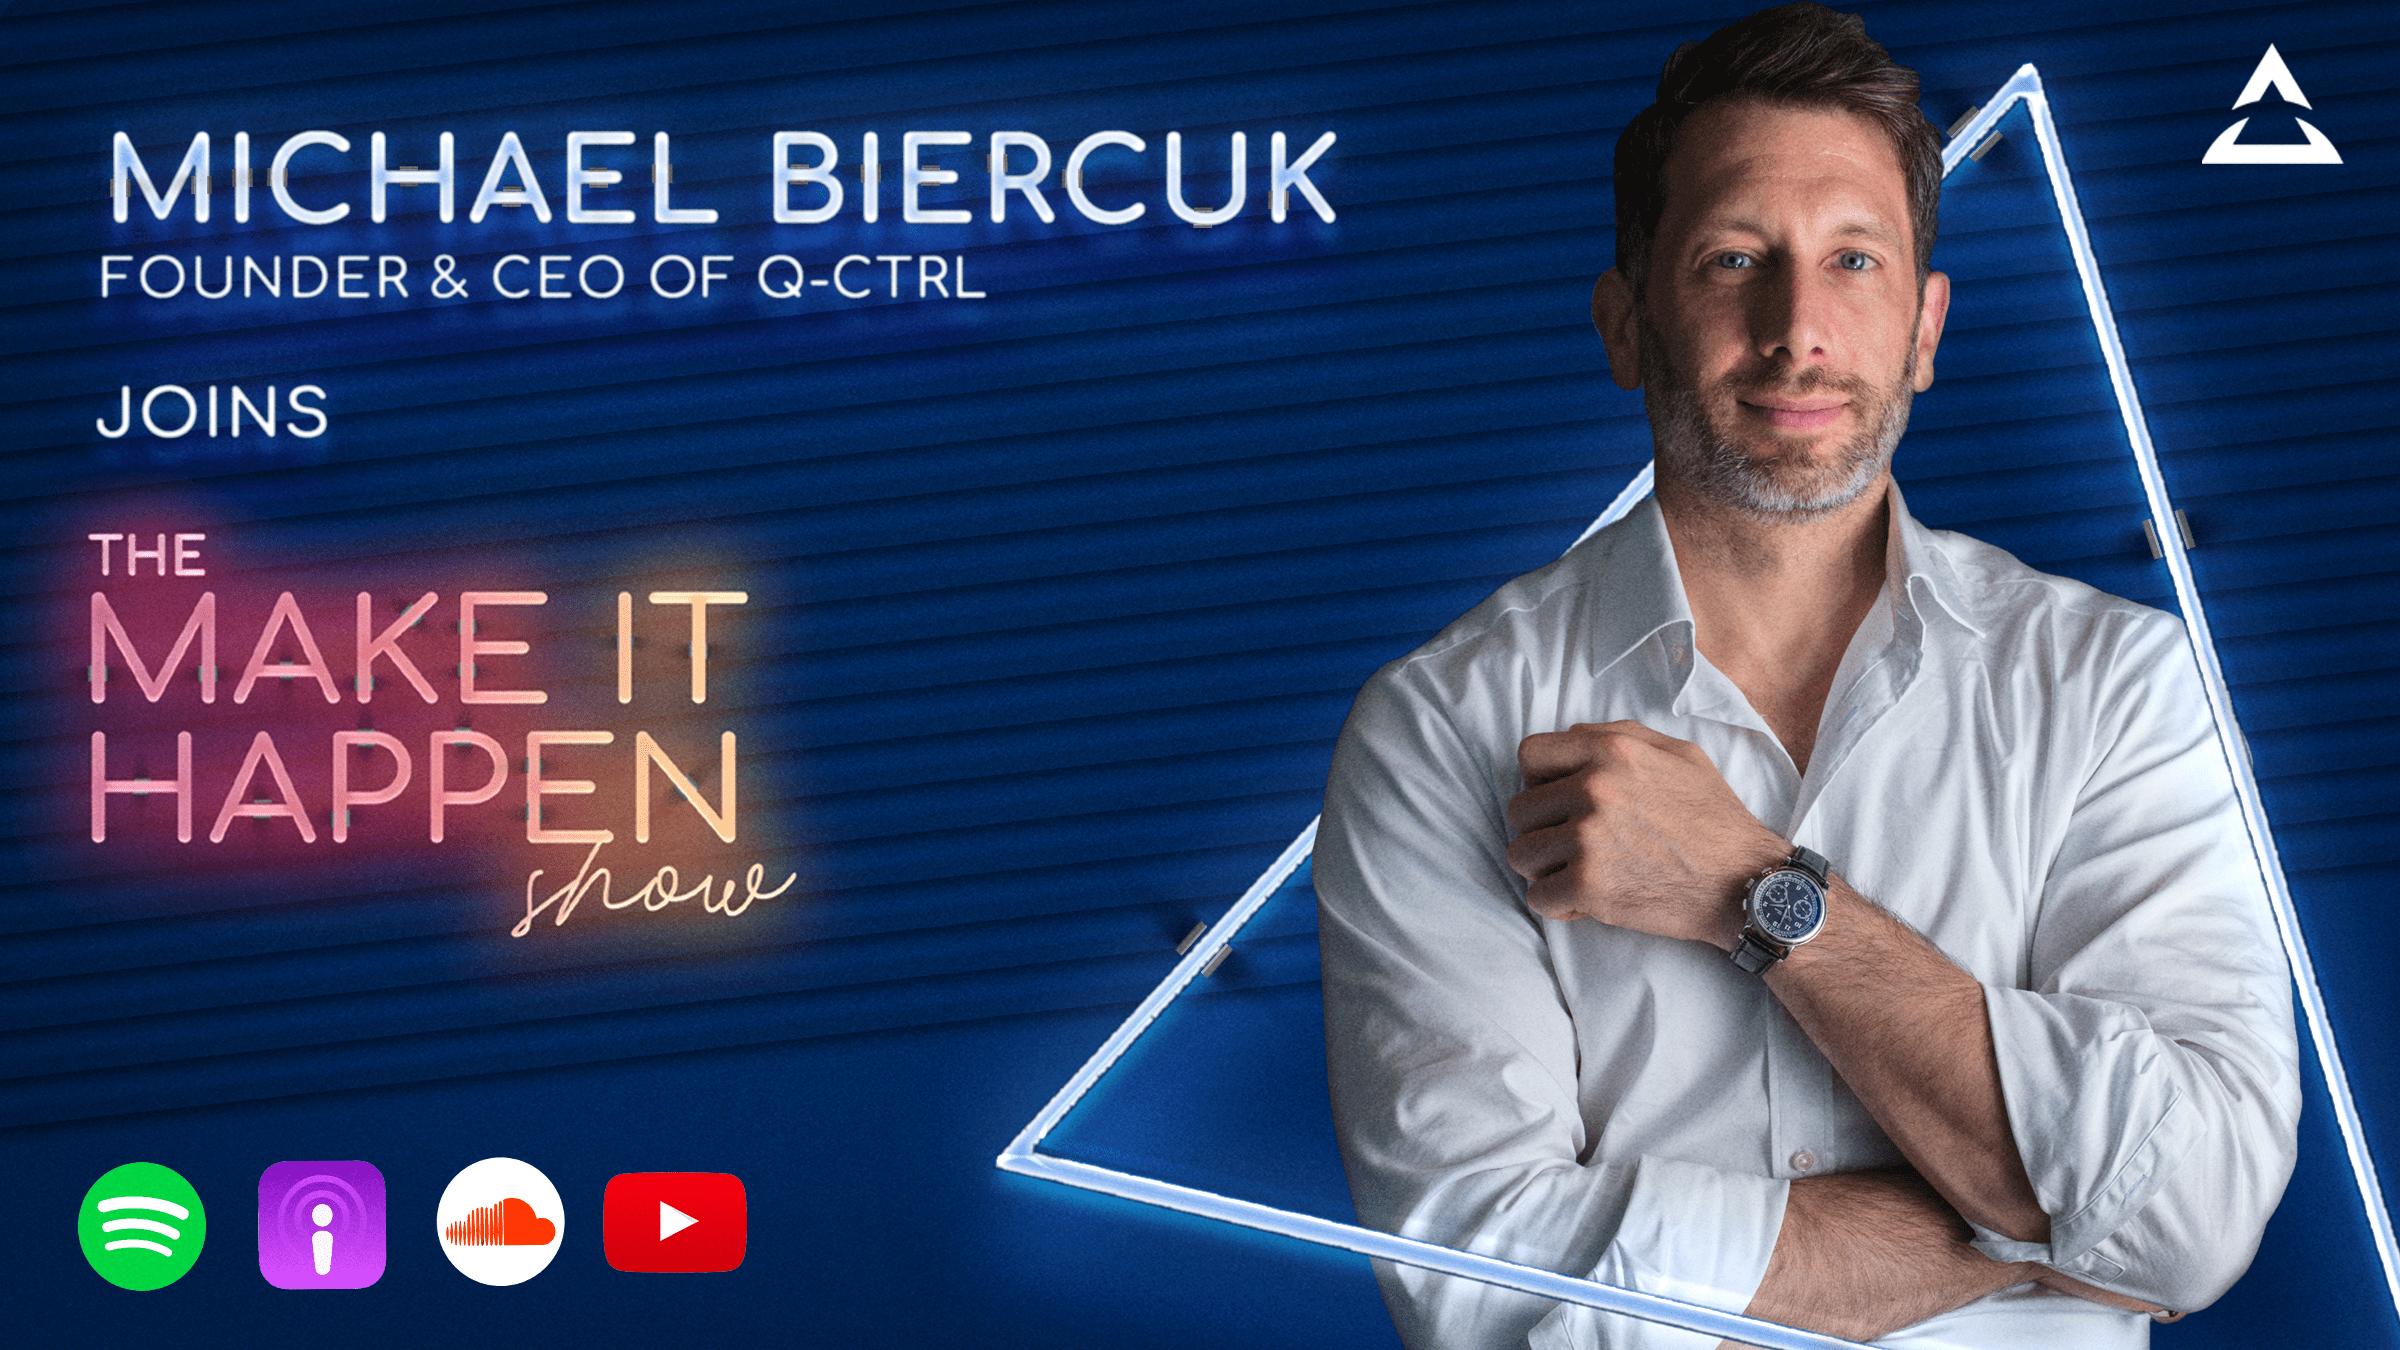 11. Michael Biercuk promotional image for The Make It Happen Show